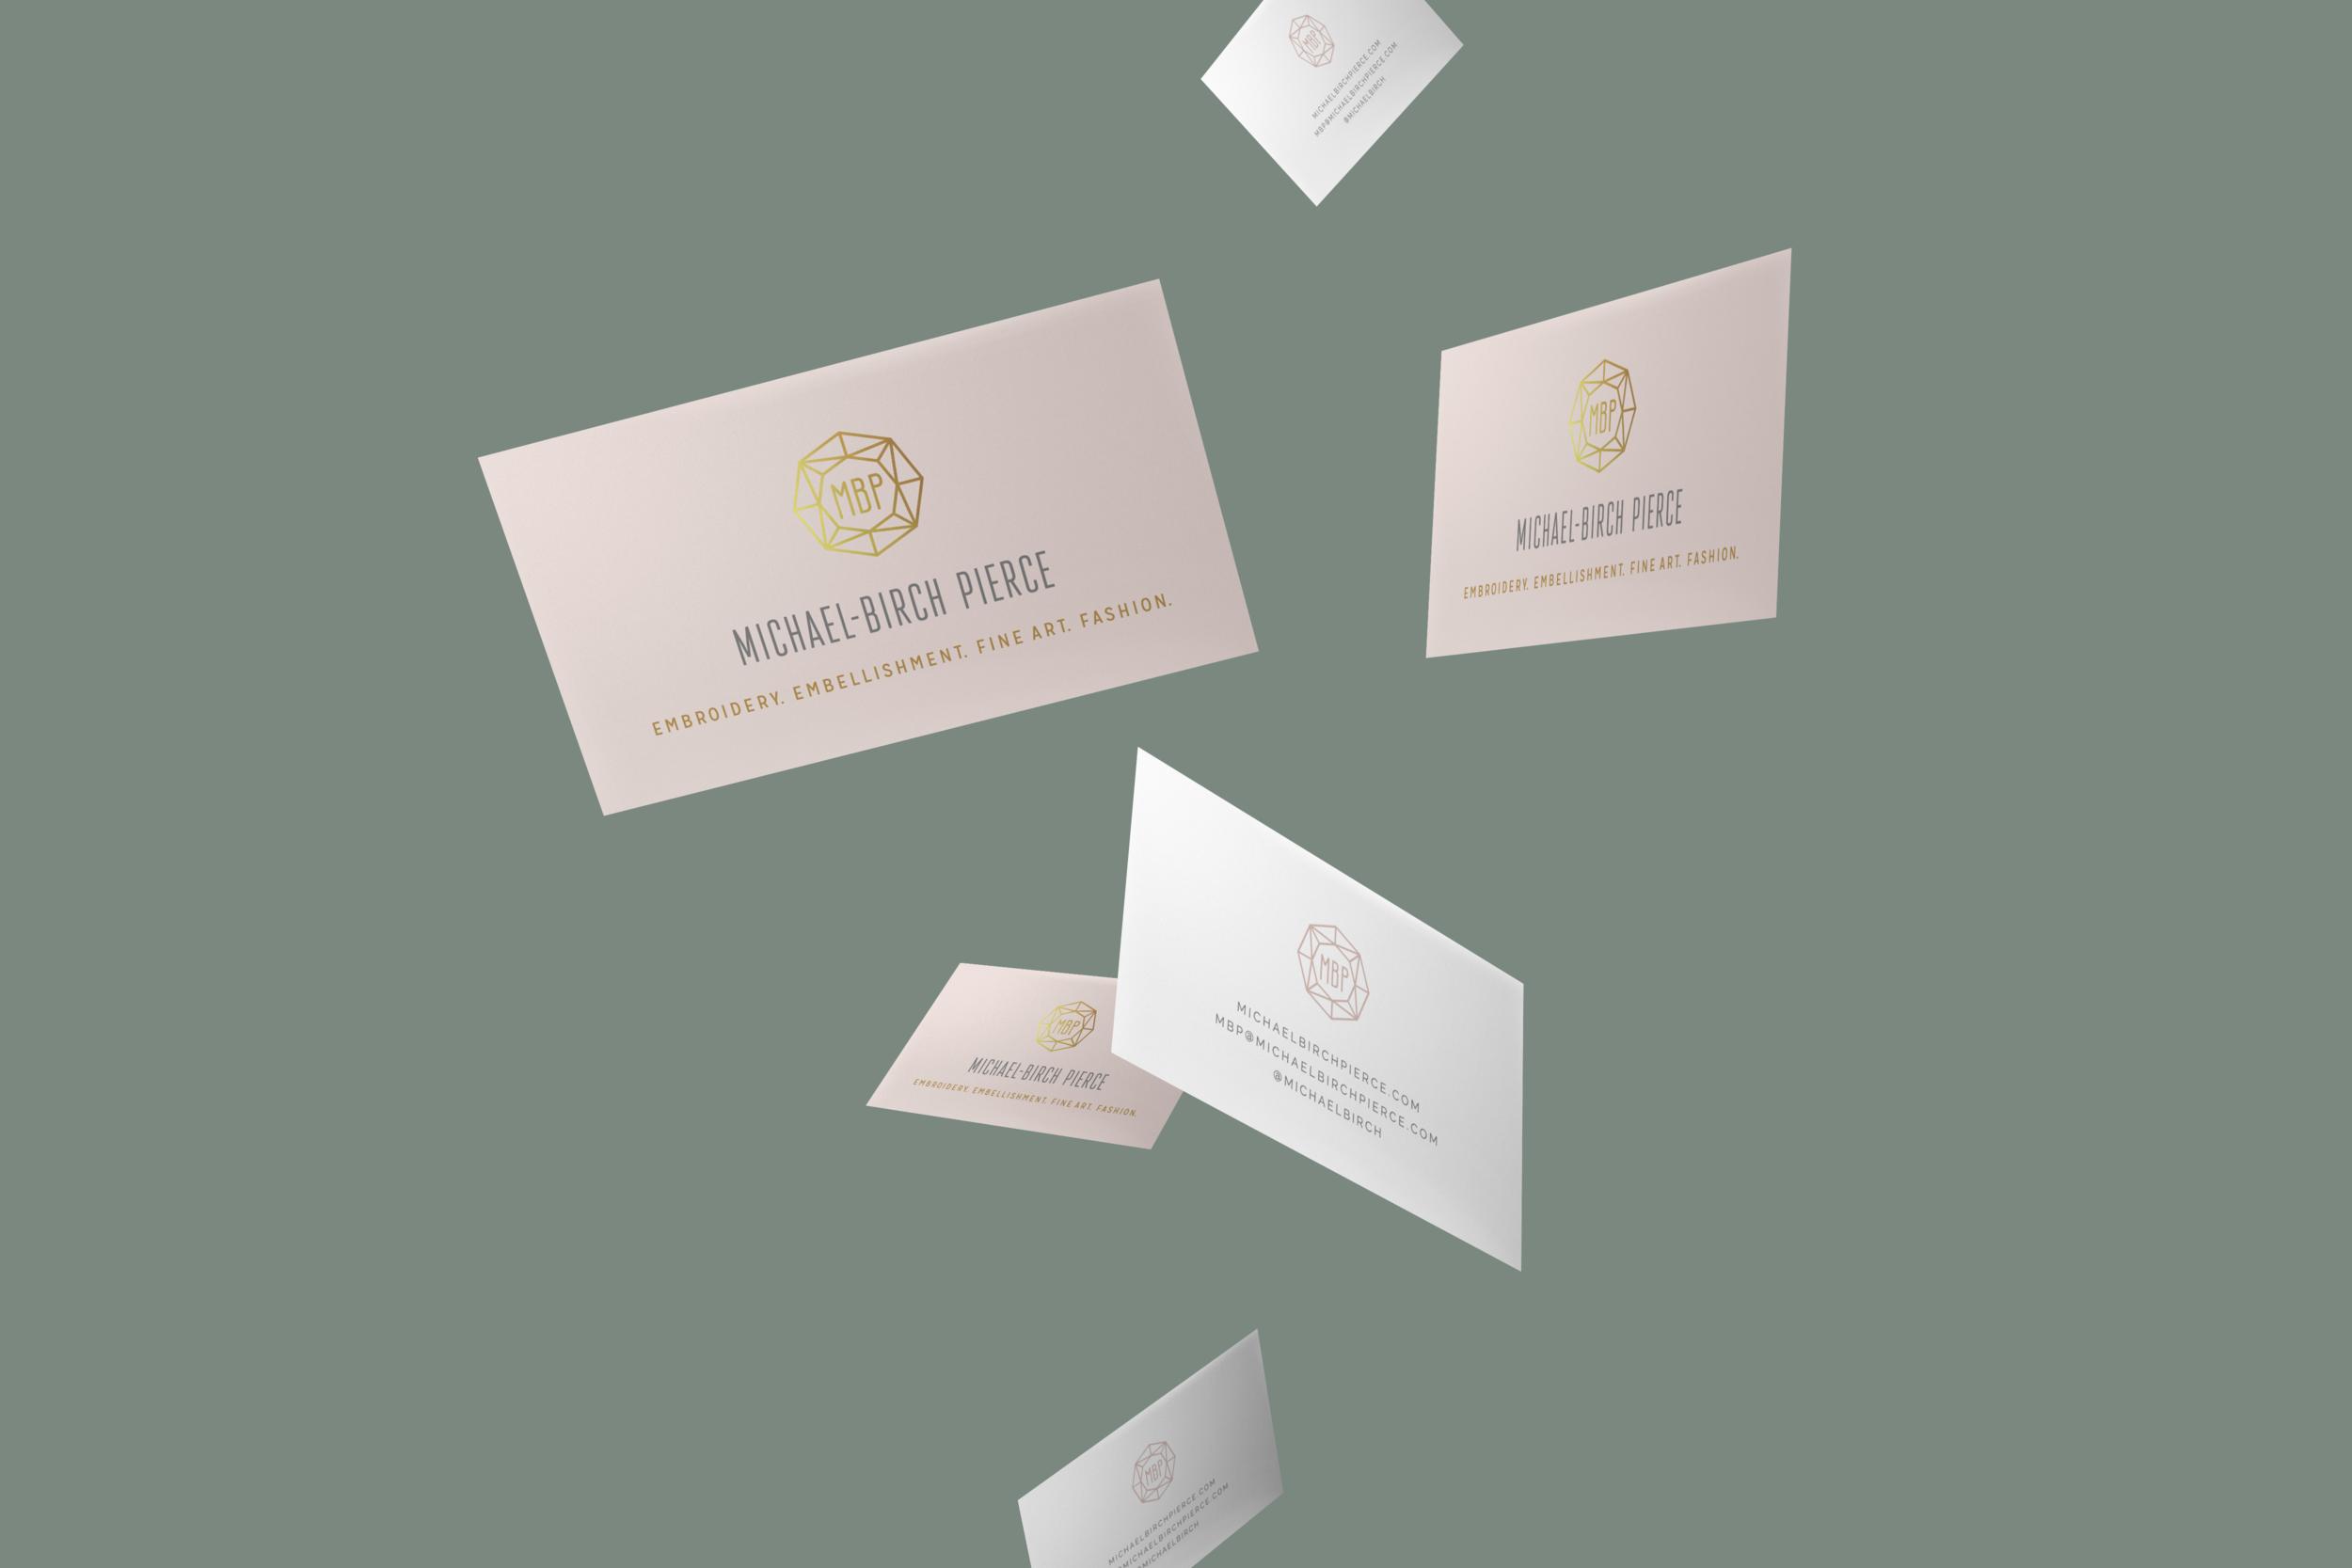 MBP_Business Card Mockup.png